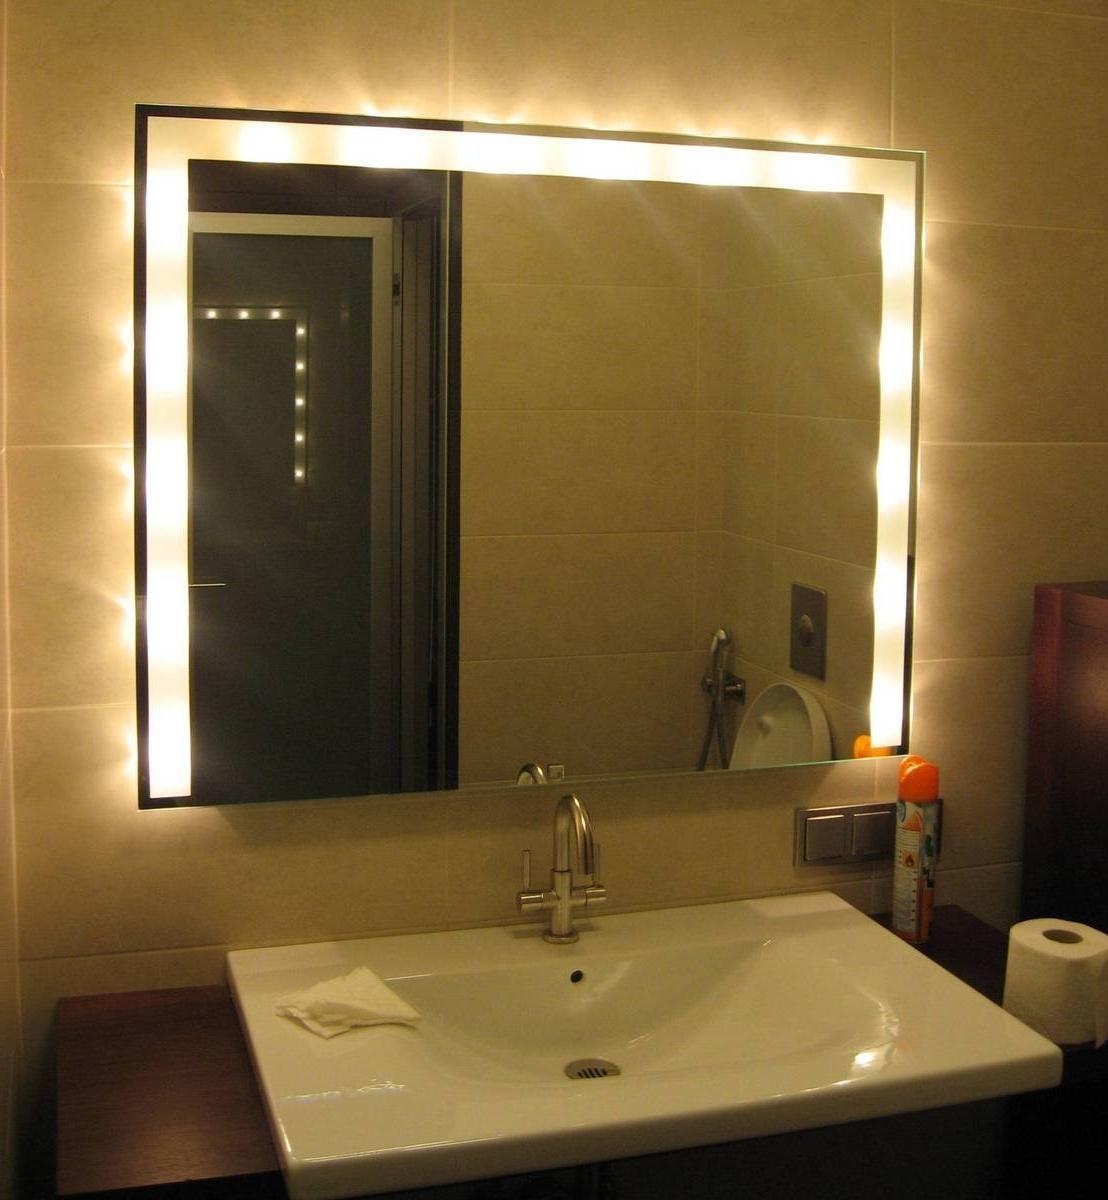 bathroom light bar with outlet | DIY House Ideas | Pinterest ...